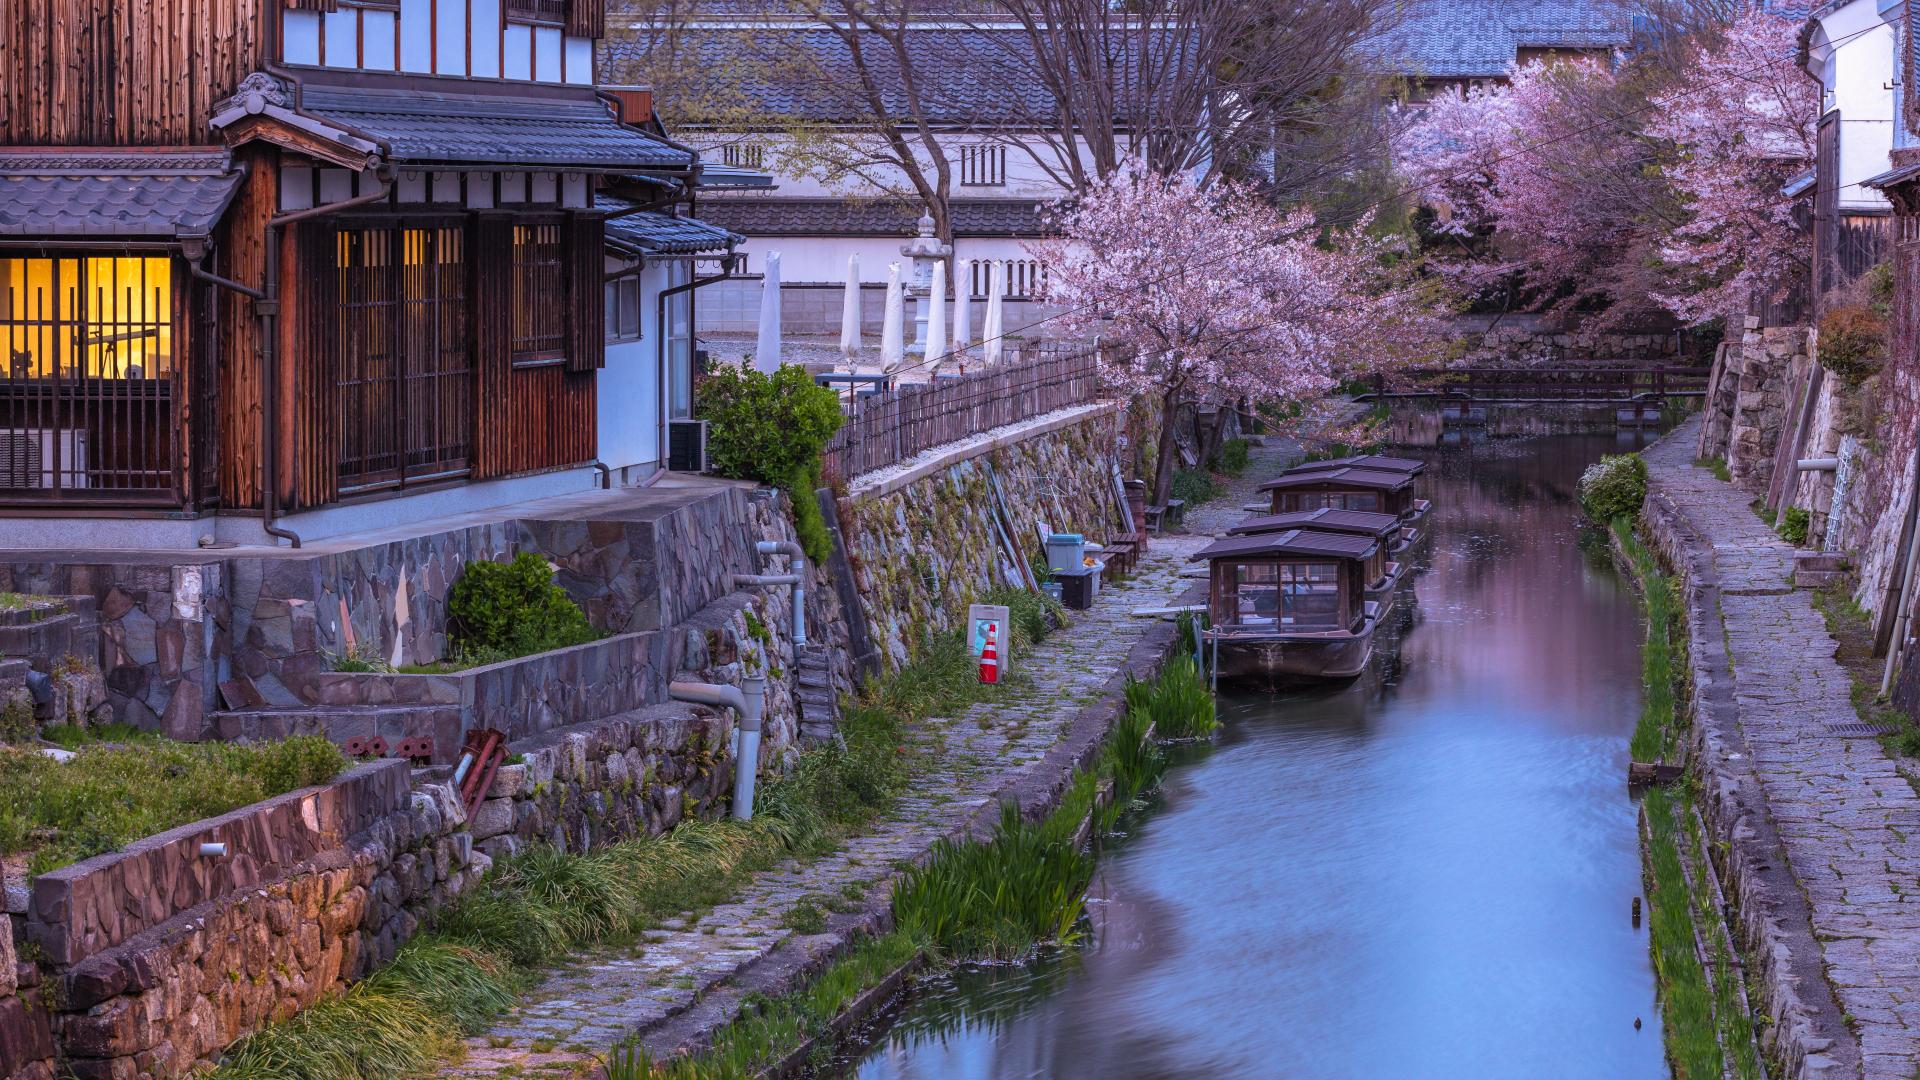 3900221_m 滋賀県  近江八幡 八幡堀(桜と和舟の景色に日本の風情を感じる春におすすめの桜スポット! 写真の紹介、アクセス情報や駐車場情報など)